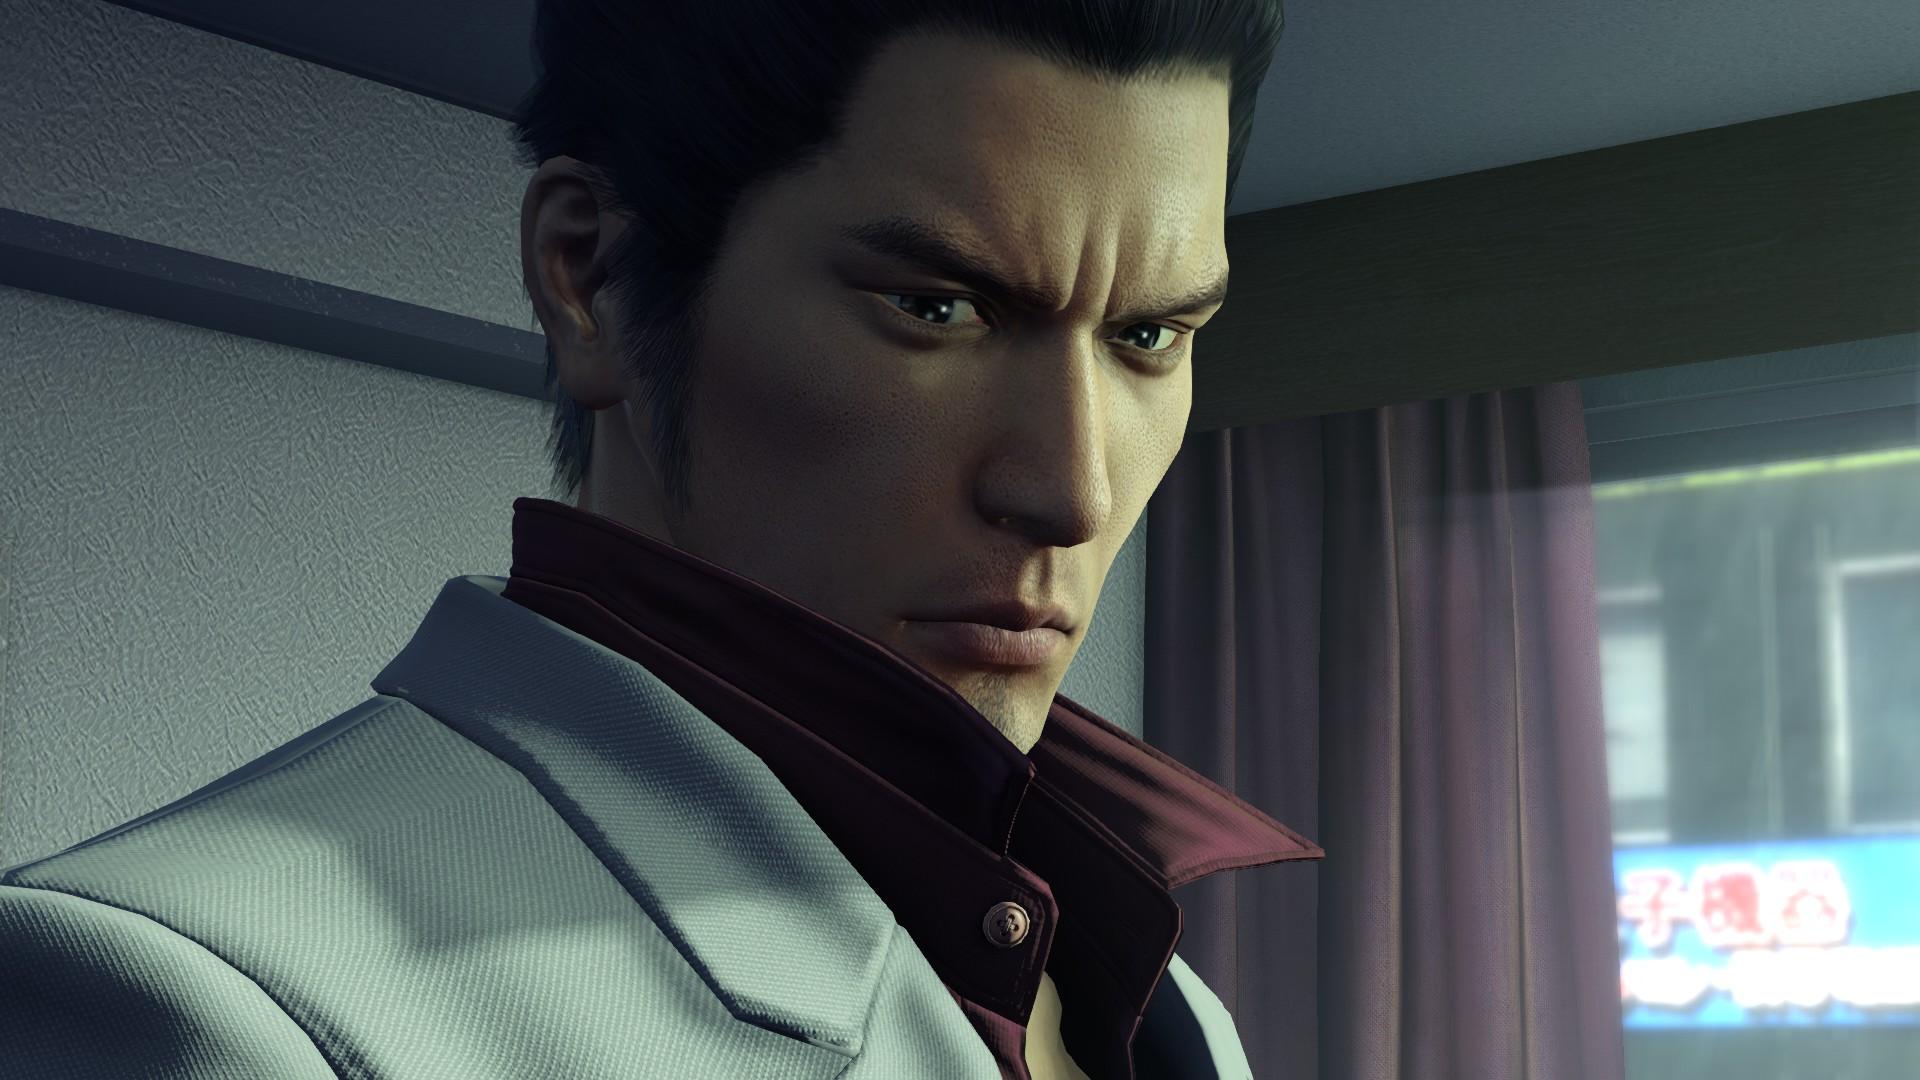 Yakuza Kiwami is available today on PC through Steam